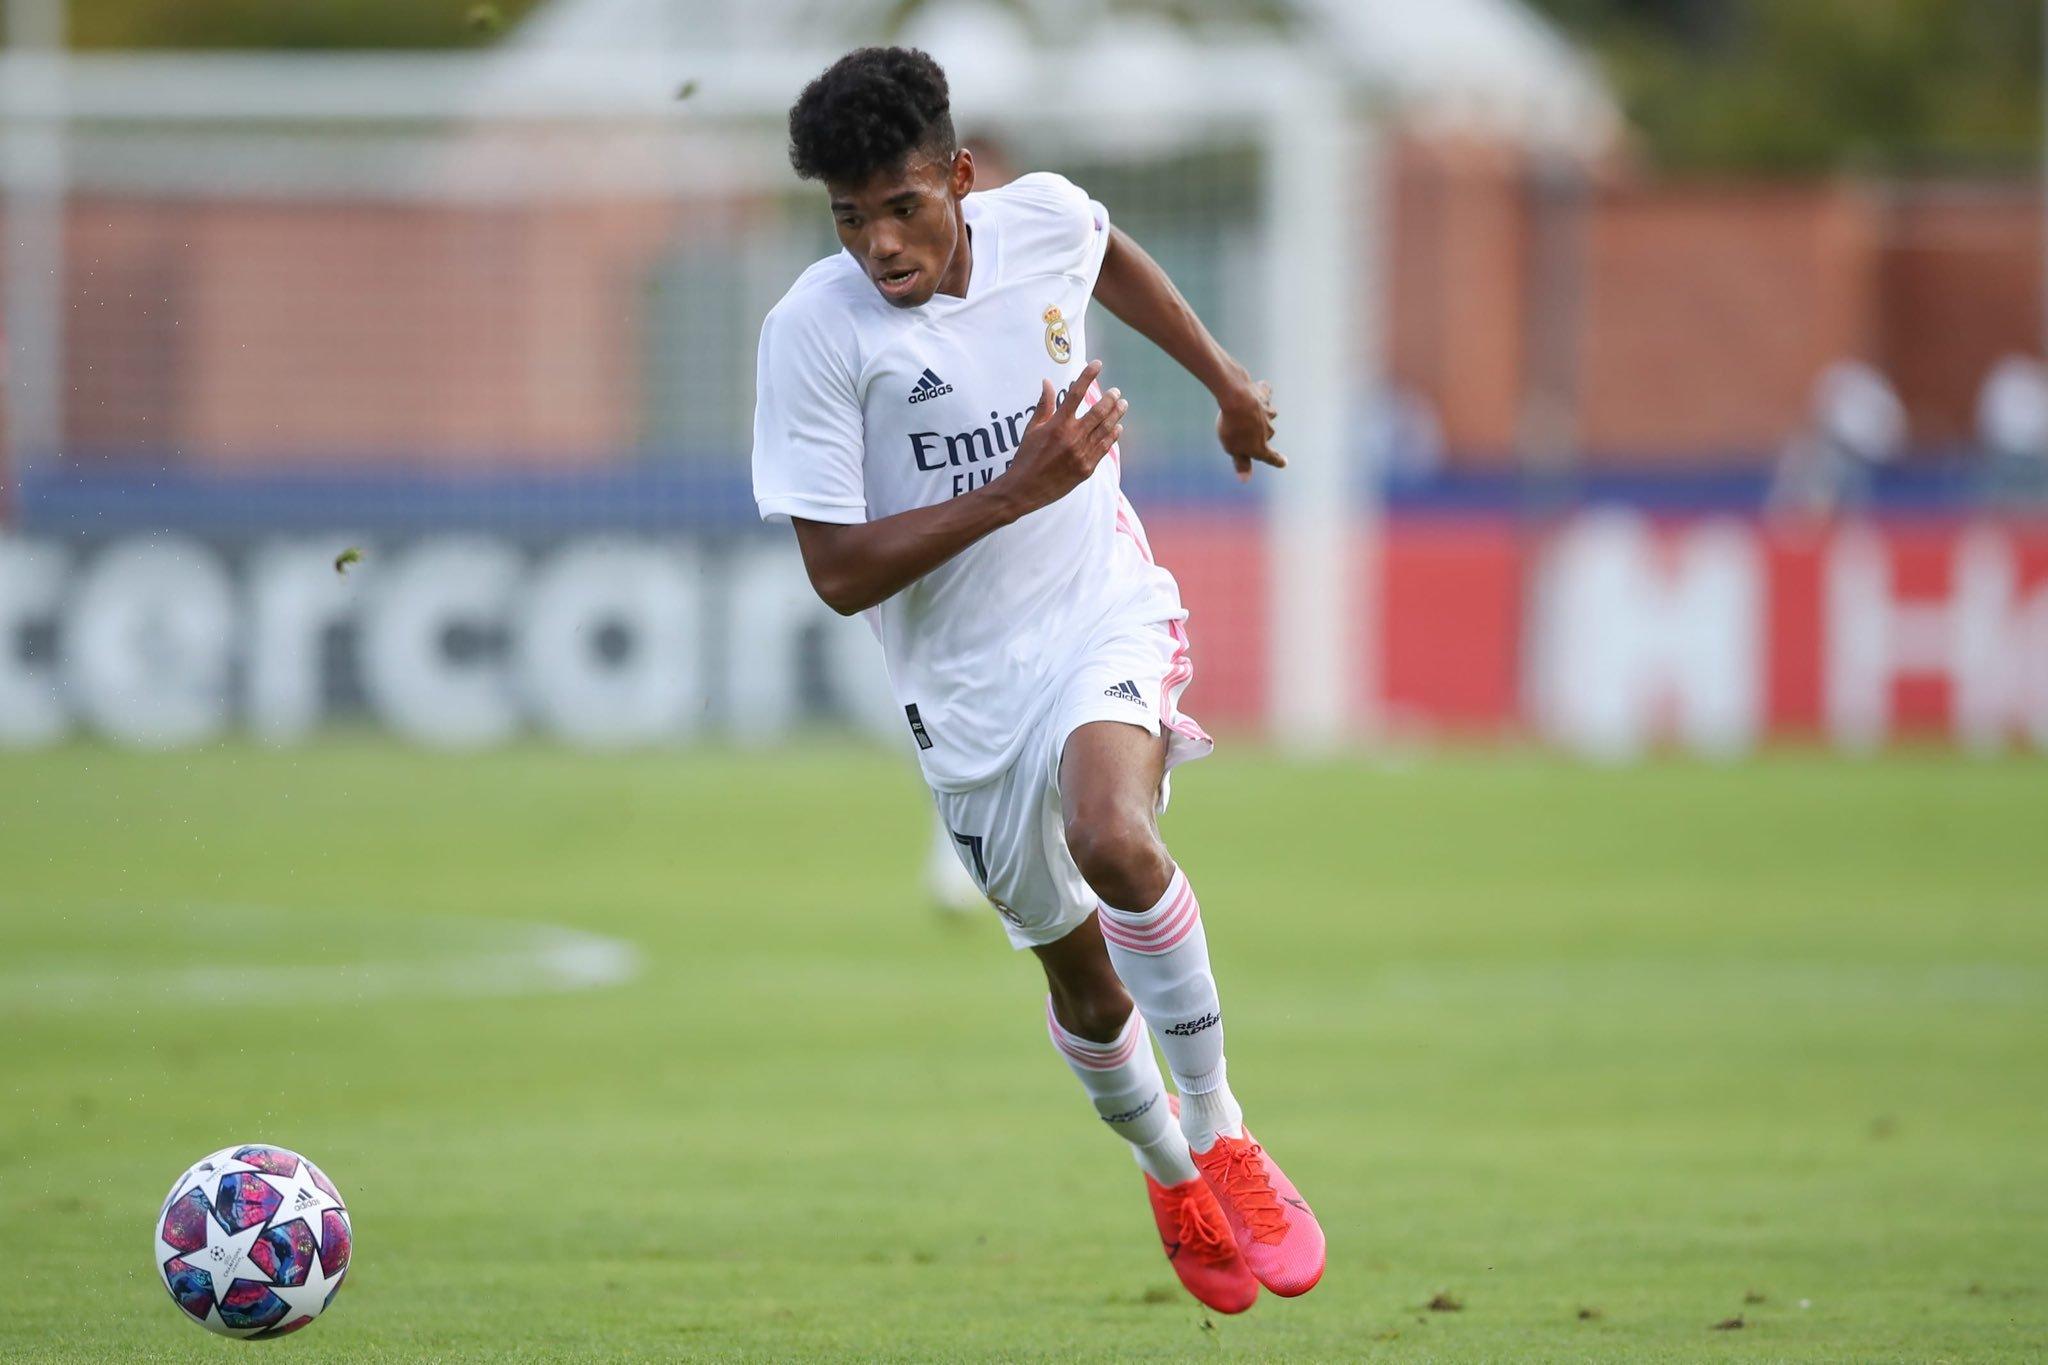 Marvin, durante el partido de ayer en San Sebastián.